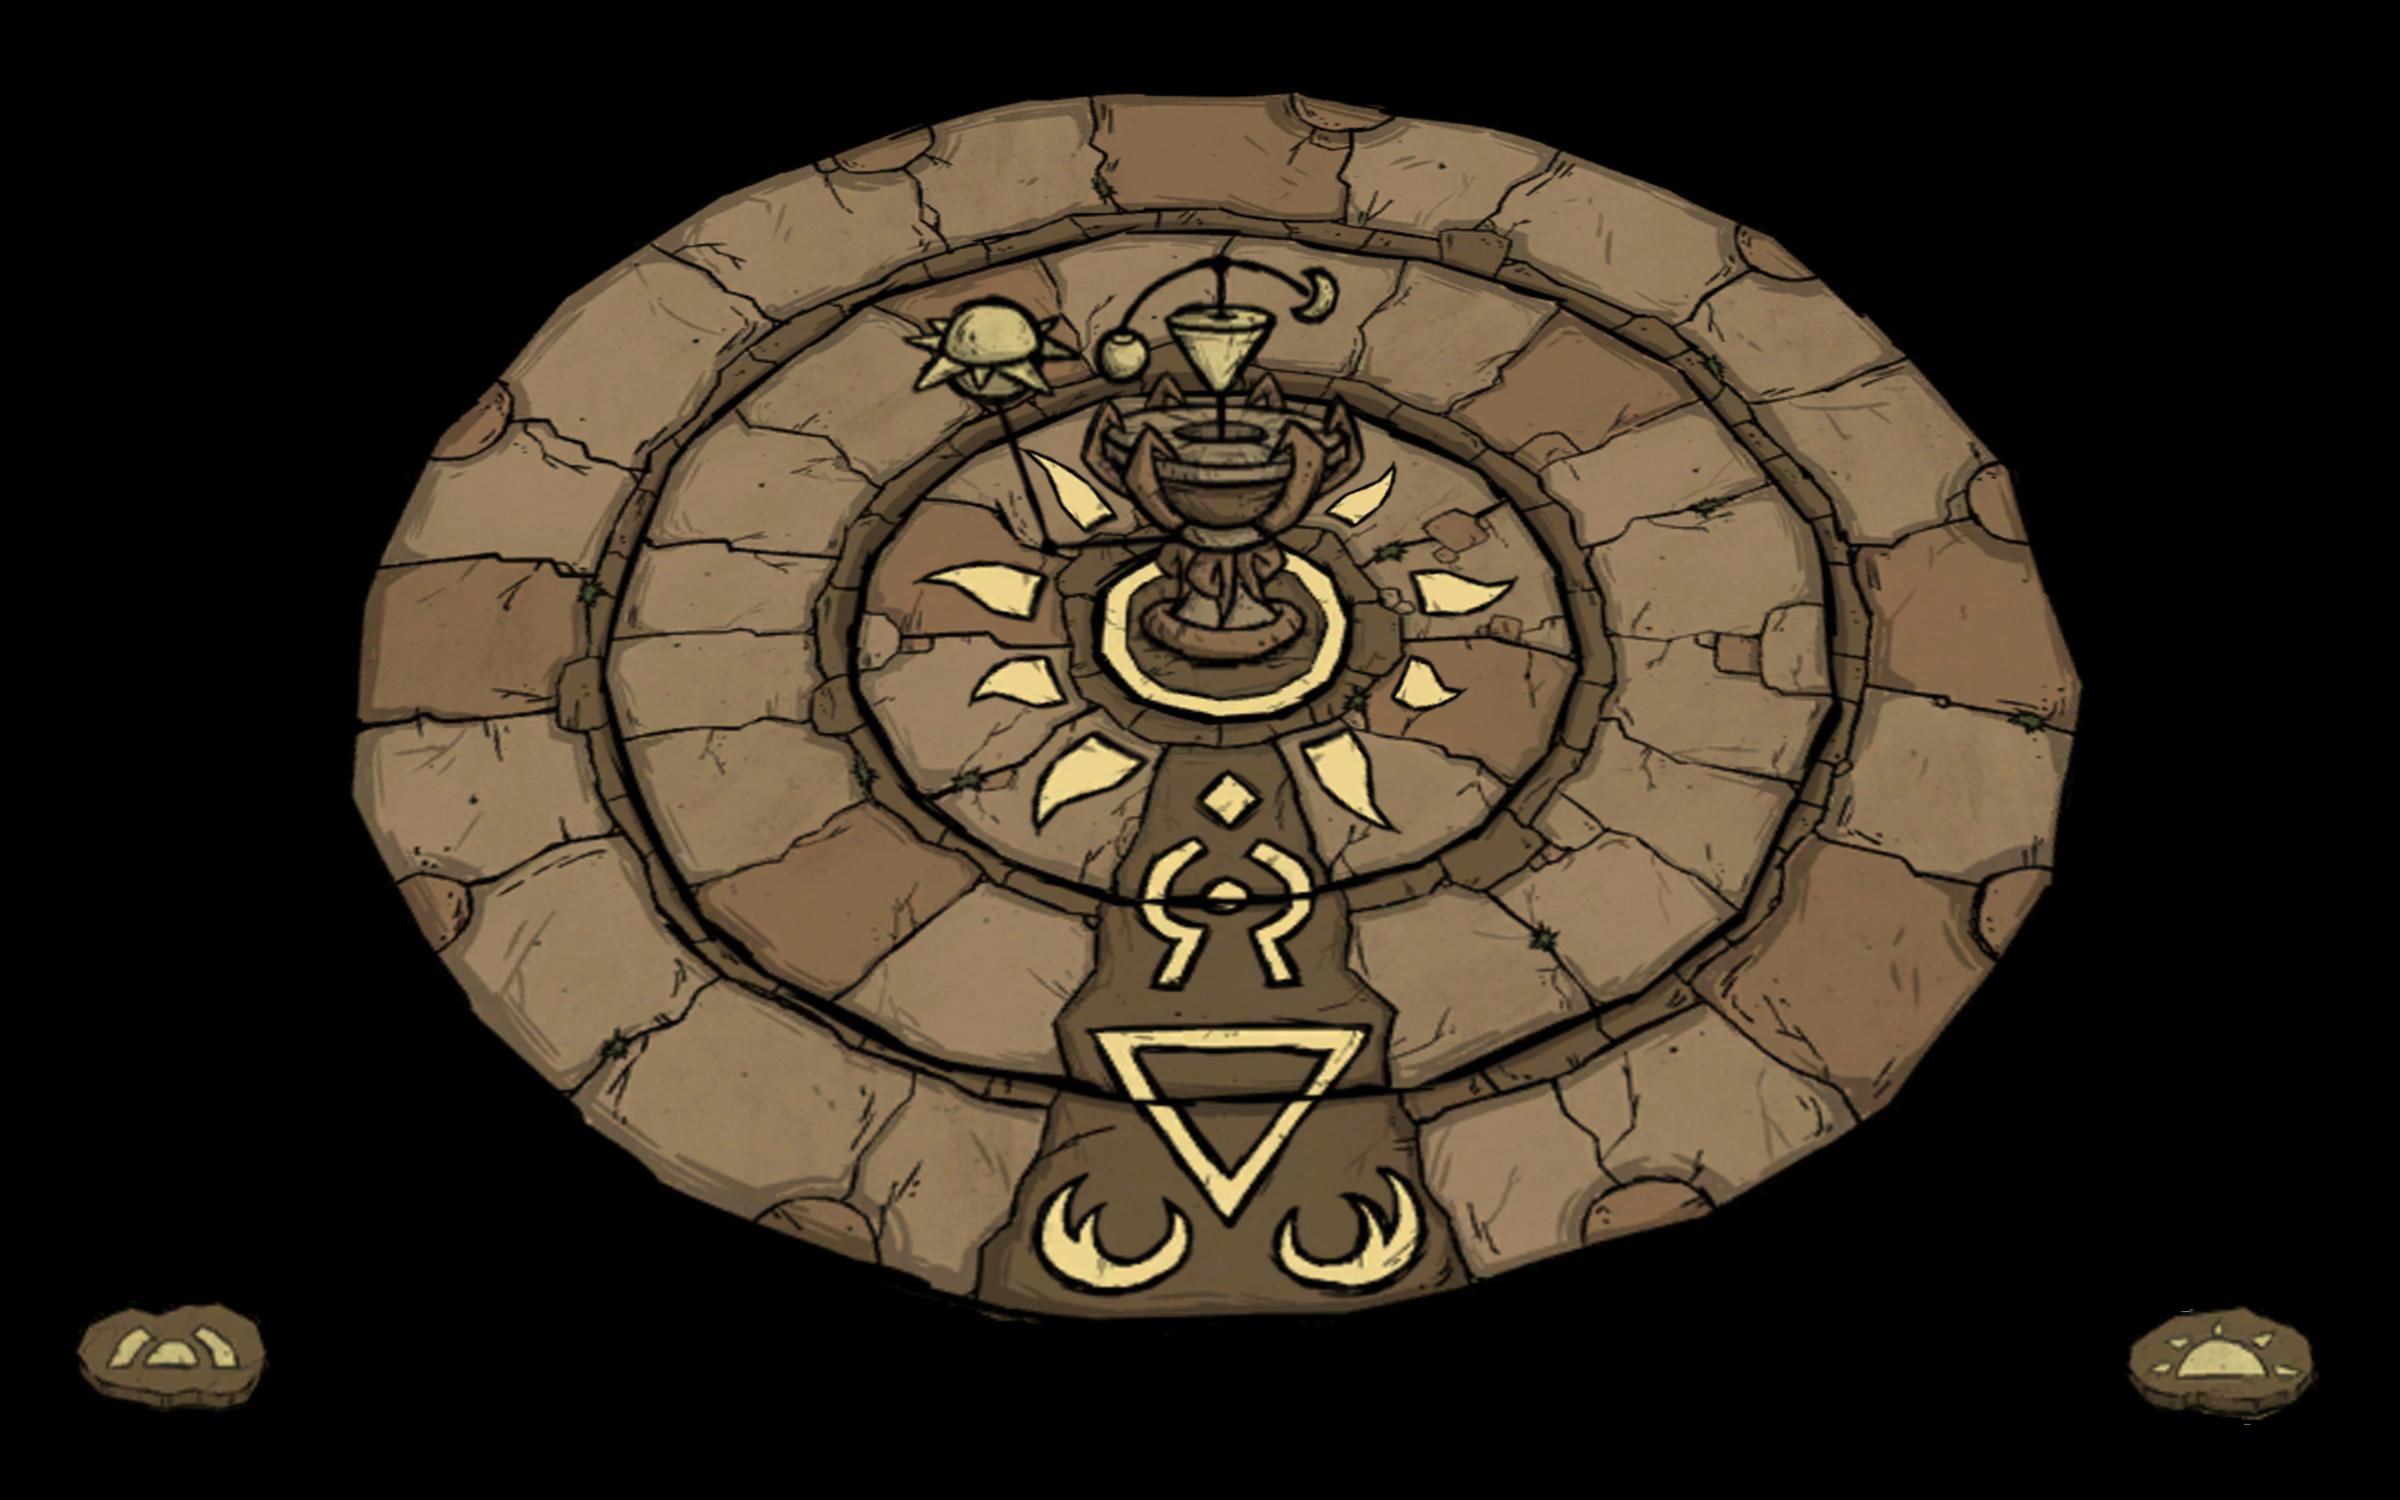 Bildergebnis für don't starve hamlet aporkalypse clock